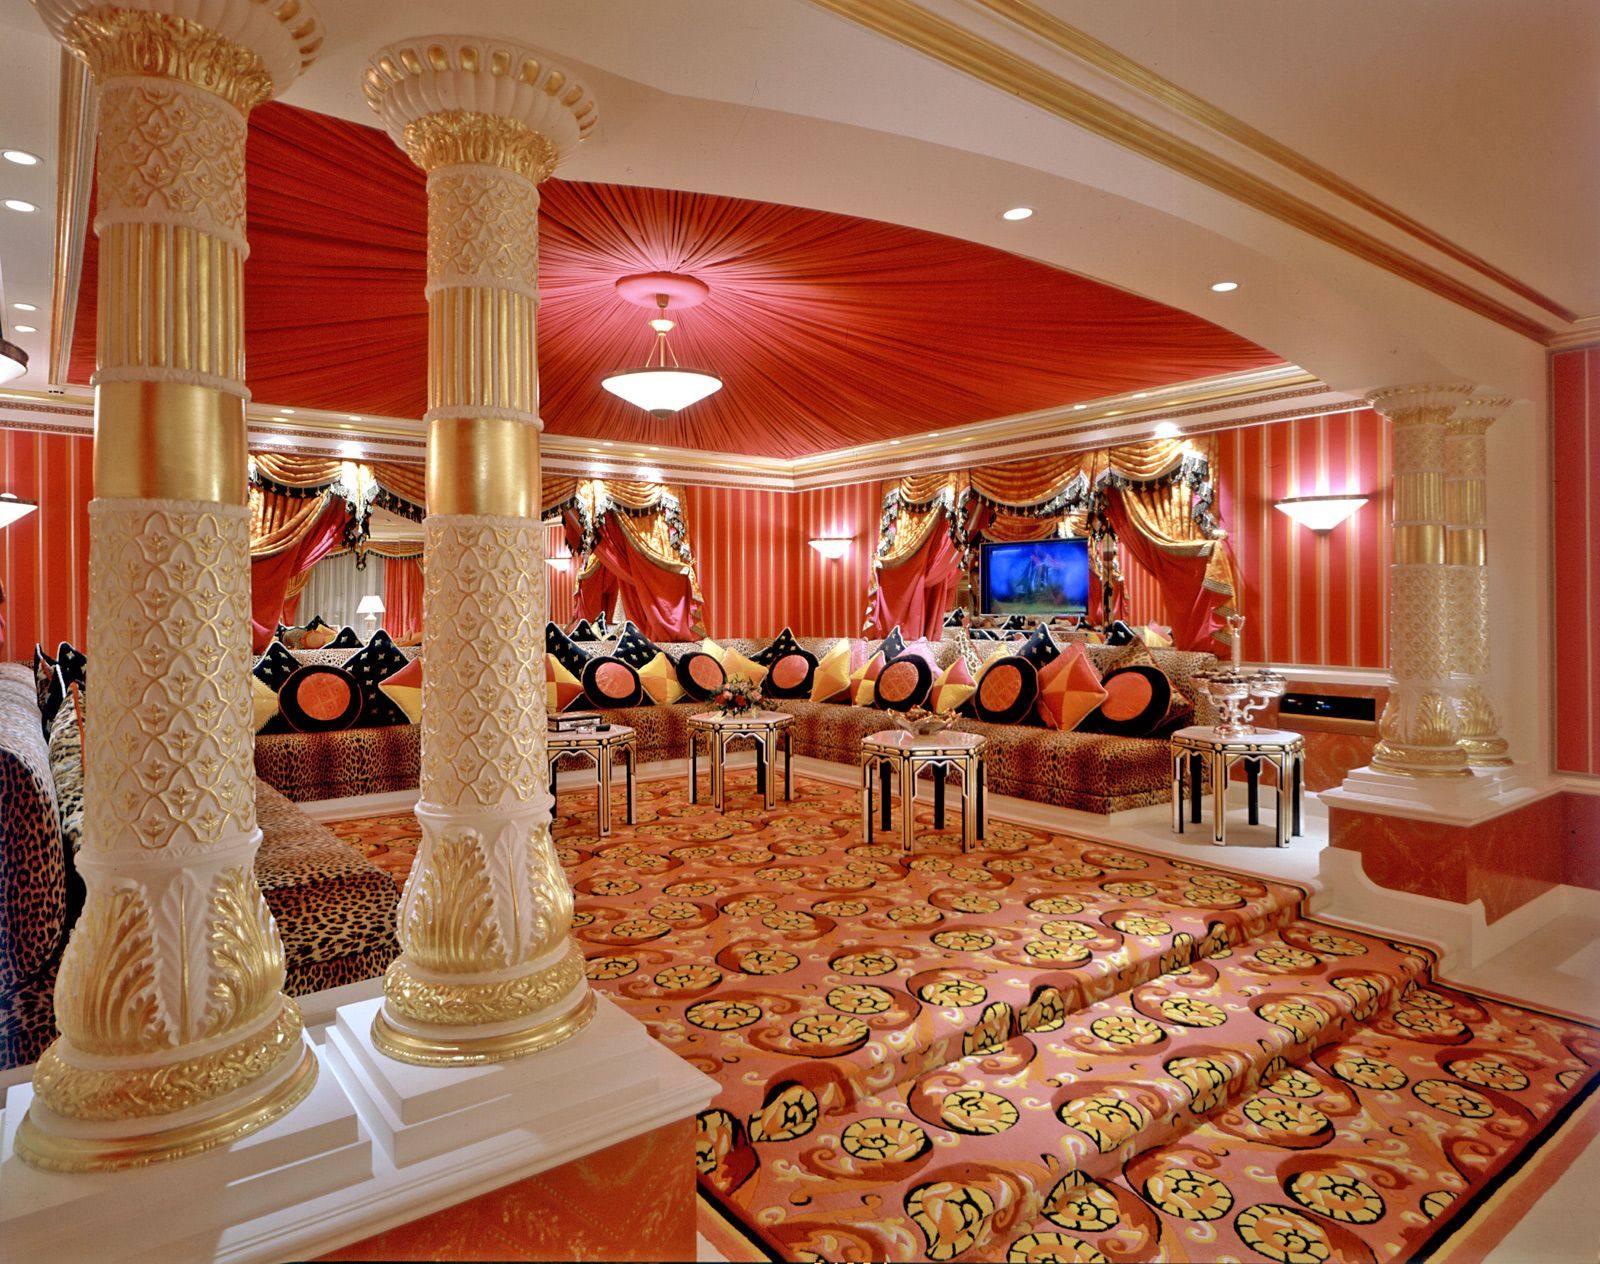 Luxury Paris Apartment Decor Images House Design Interior Of Cihldren Bedrooms Modern